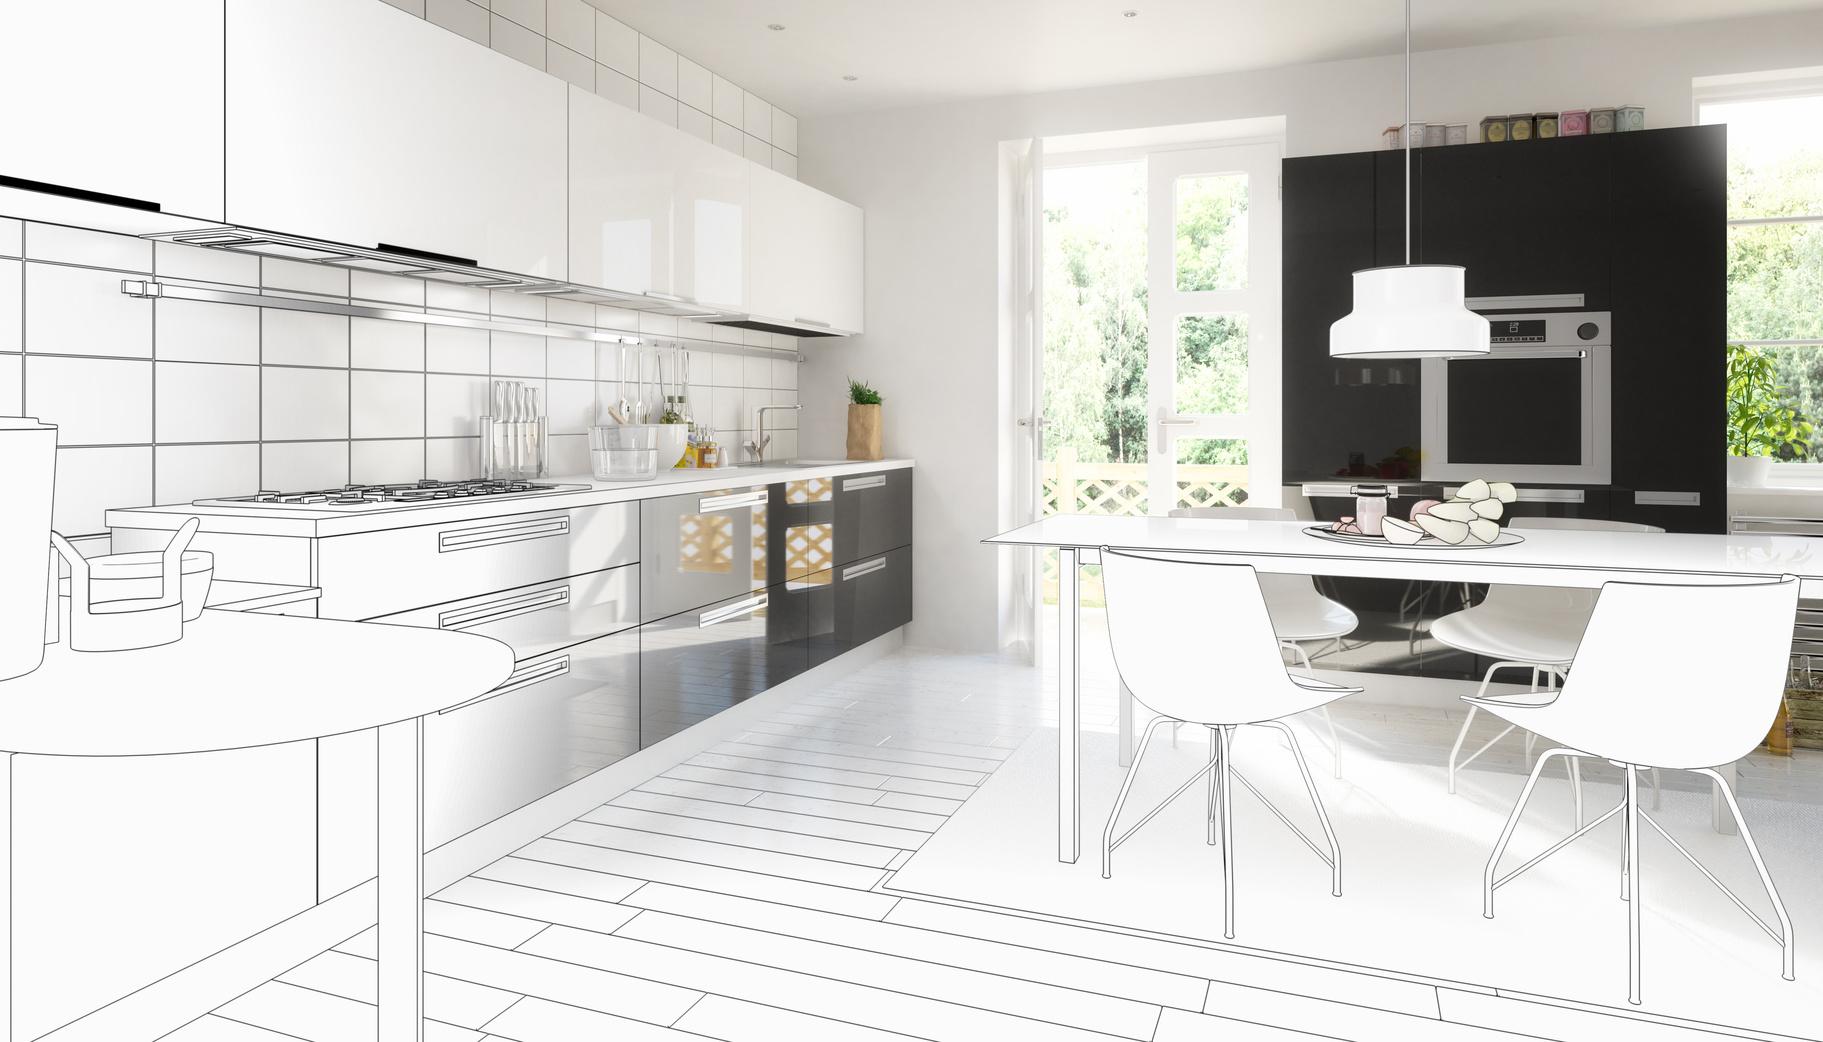 Beispiel einer 3D-Küchenskizze, Foto: M-plan-arsdigital, Fotolia